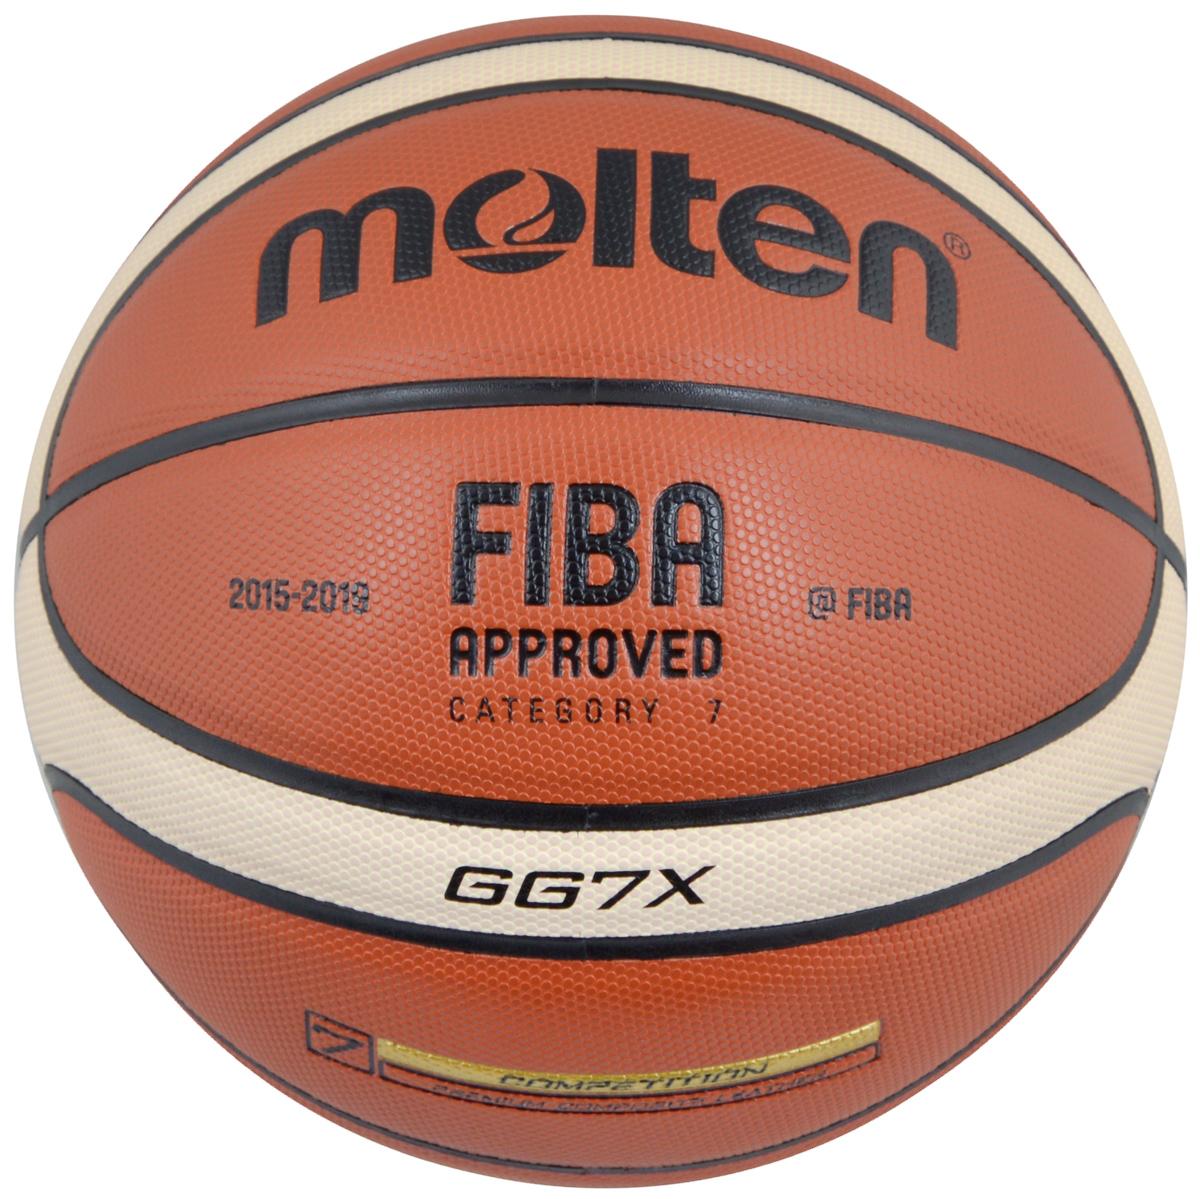 Мяч баскетбольный Molten, цвет: кирпичный, черный, бежевый. Размер 7. BGG7XBGG7XБаскетбольный мяч Molten отлично подходит для соревнований и тренировок профессионального уровня, обладает высокой прочностью, износостойкостью и игровыми характеристиками. Изготовлен из высококлассной композитной кожи. Шероховатая поверхность. 12-панельный дизайн. Предназначен для игры в зале. Одобрен FIBA. Окружность: 75 см.Материал камеры: бутил.